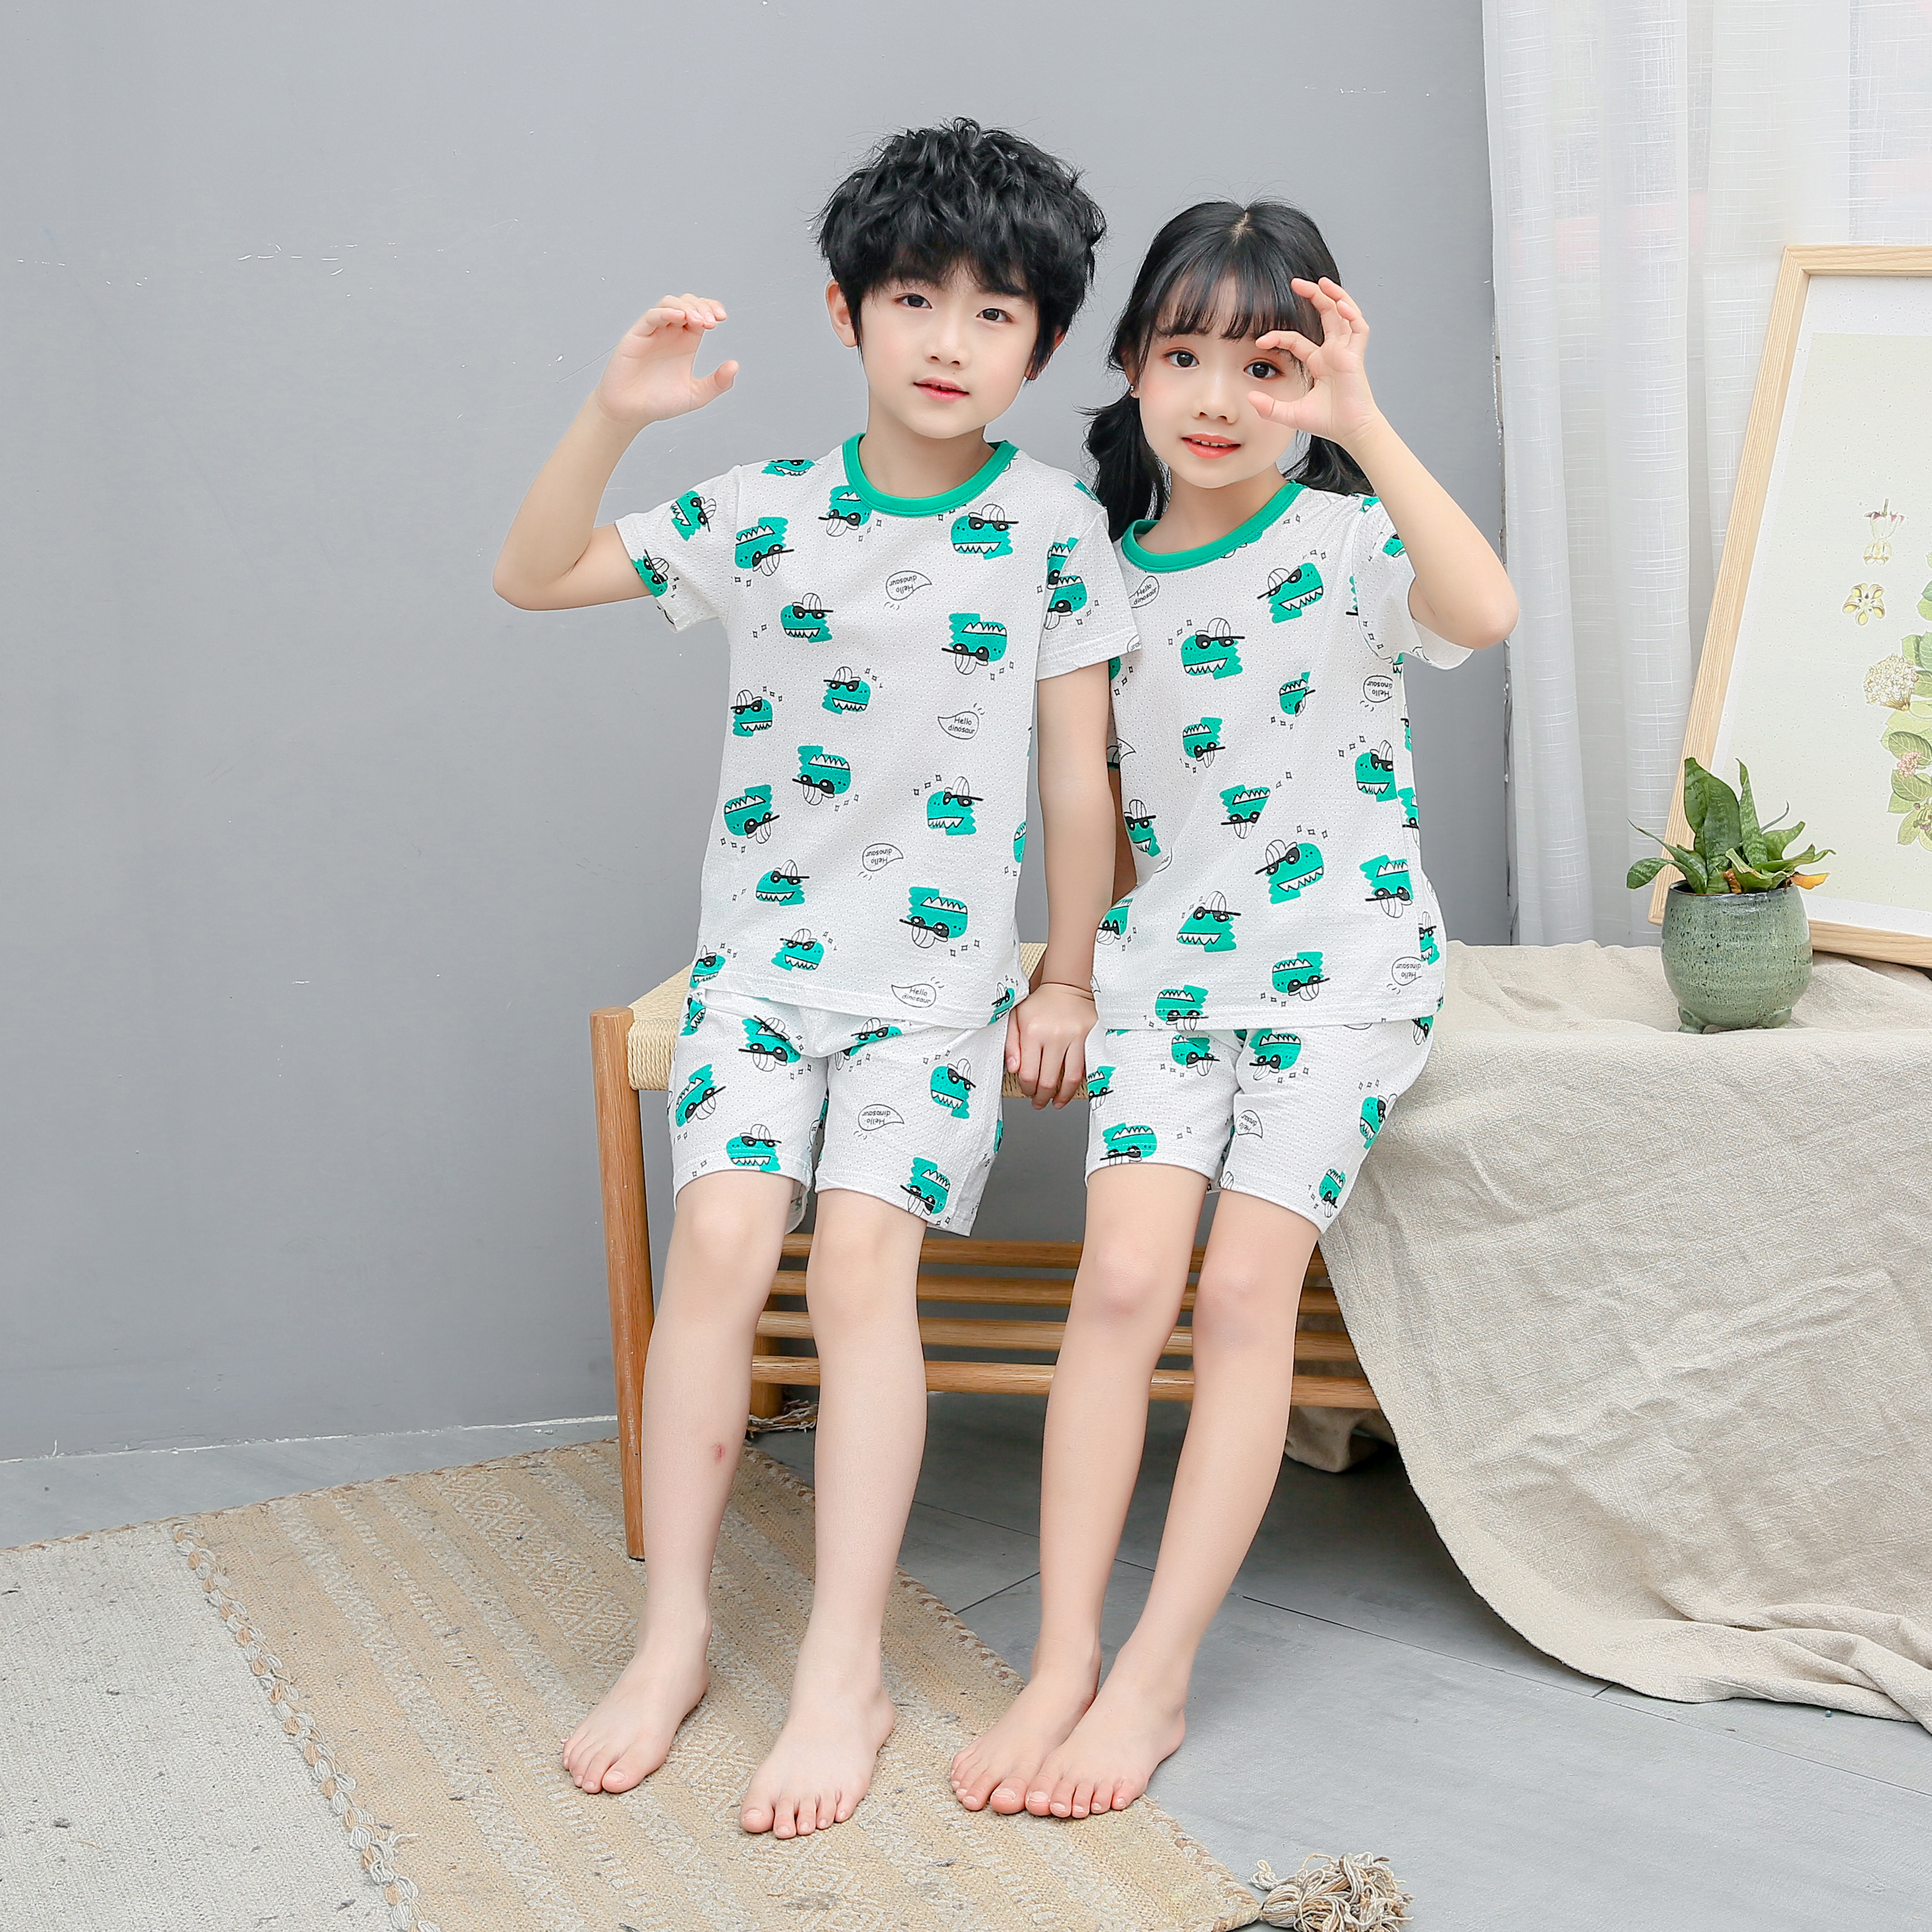 八福鼠儿童网眼提花短袖套装